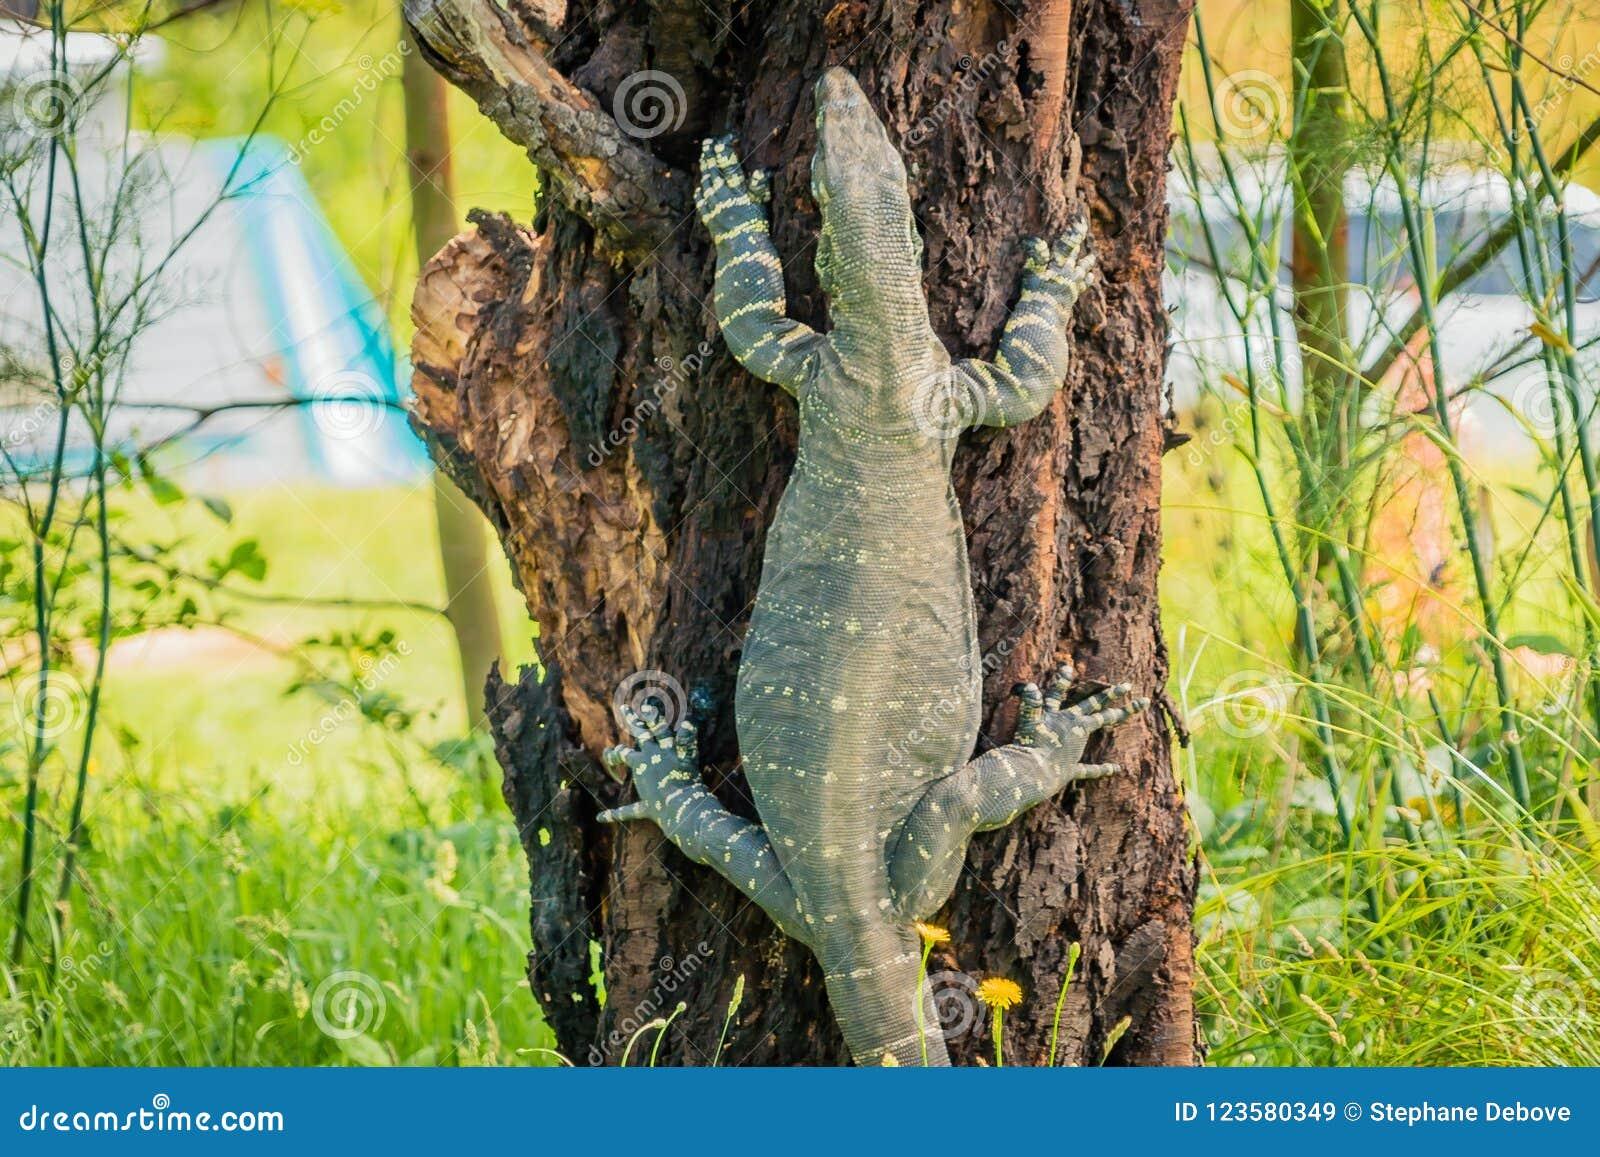 Goanna-Warane der Klasse Varanus, einen Baum kletternd